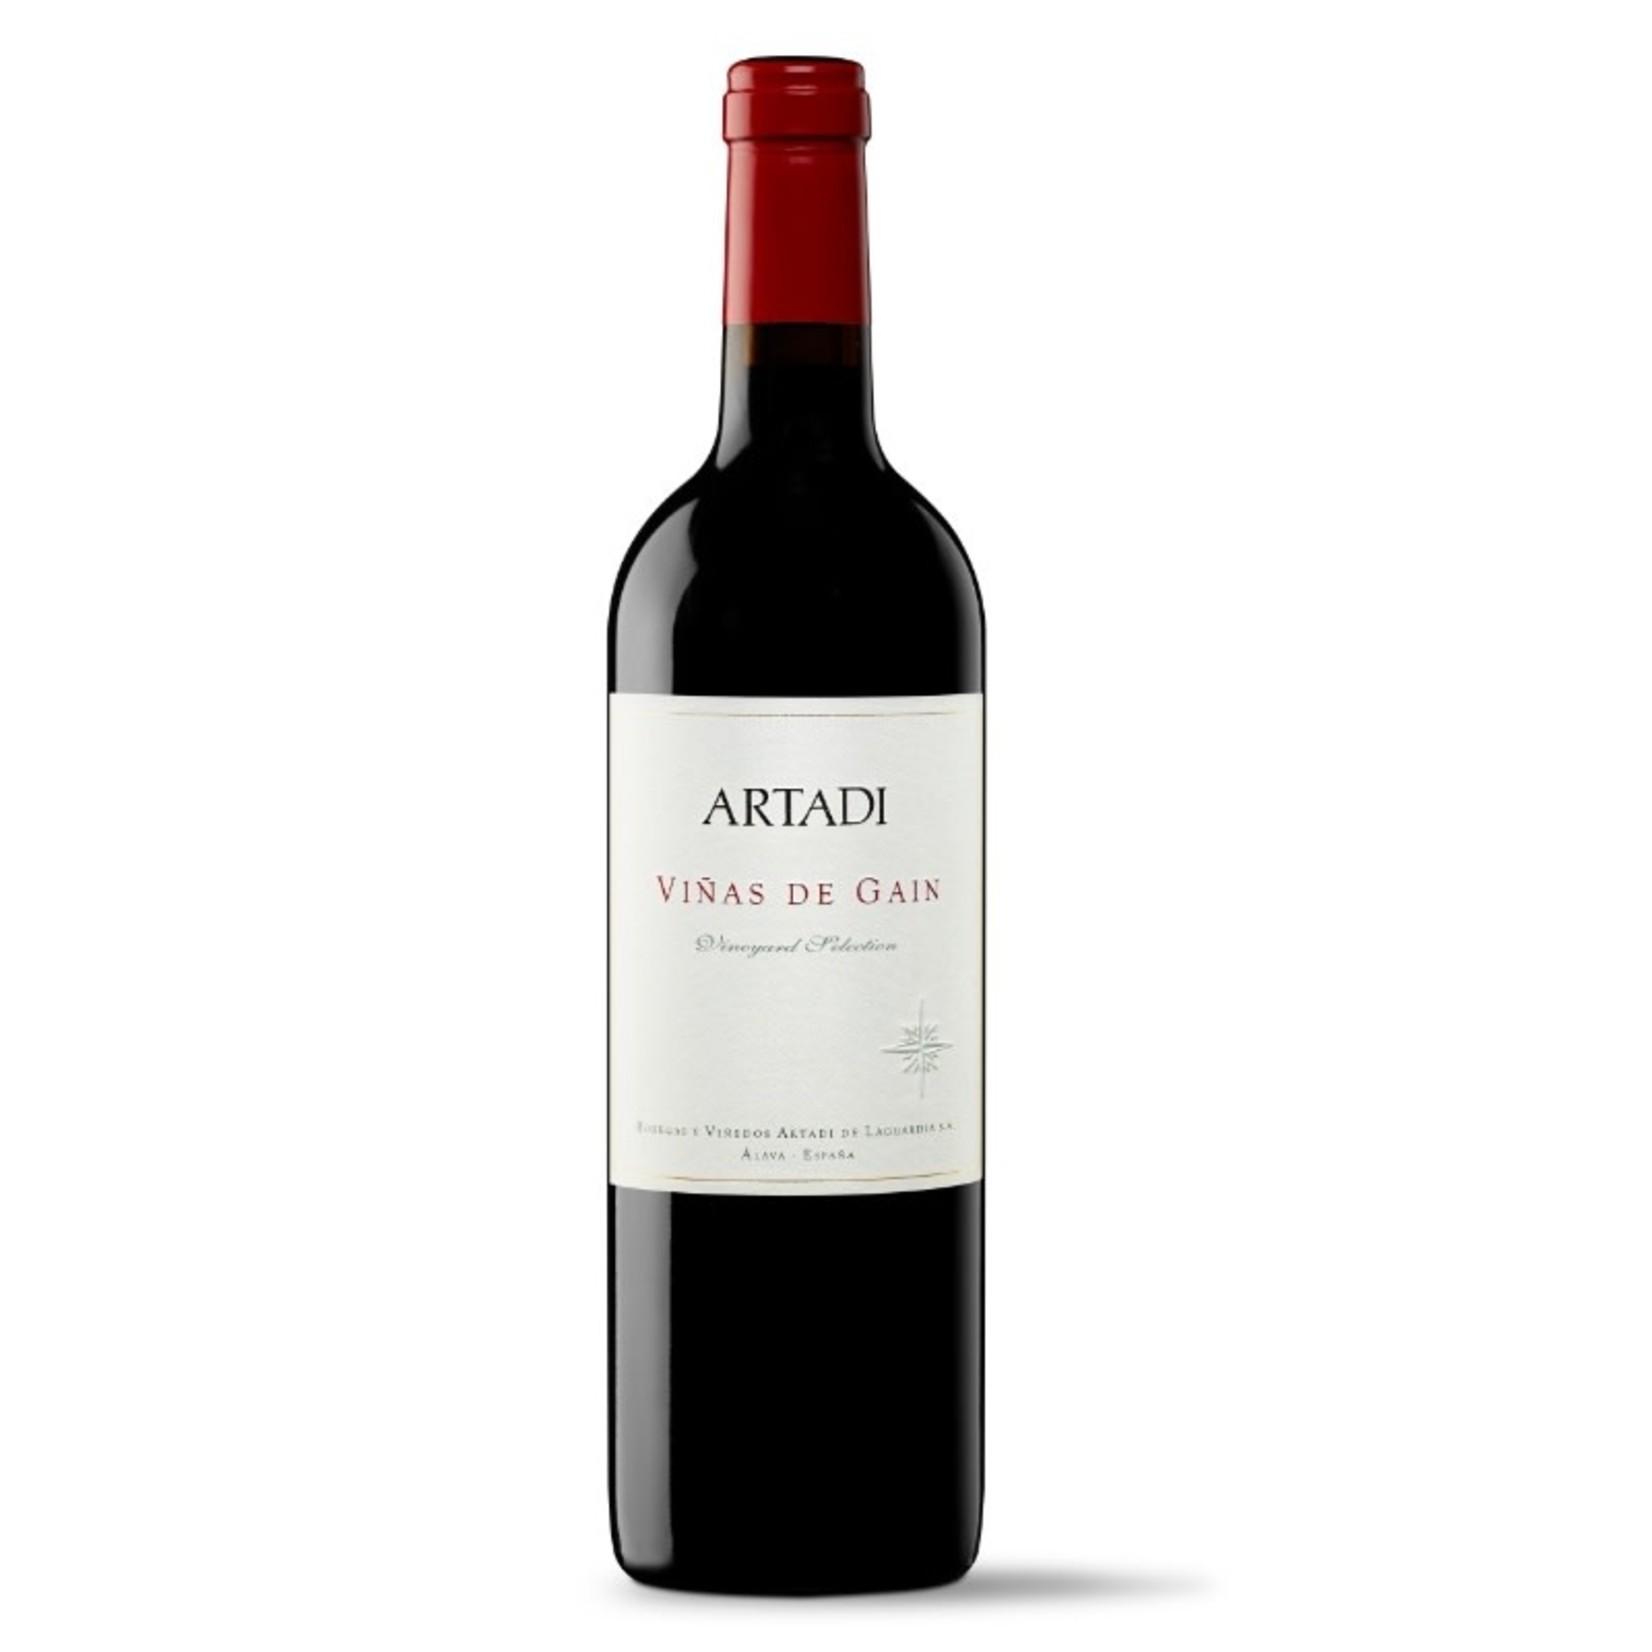 2018 Artadi Viñas de Gaín Red